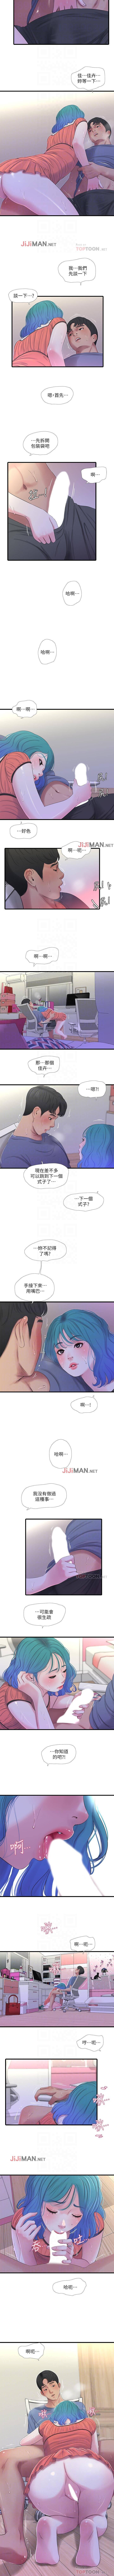 【周四连载】亲家四姐妹(作者:愛摸) 第1~31话 124